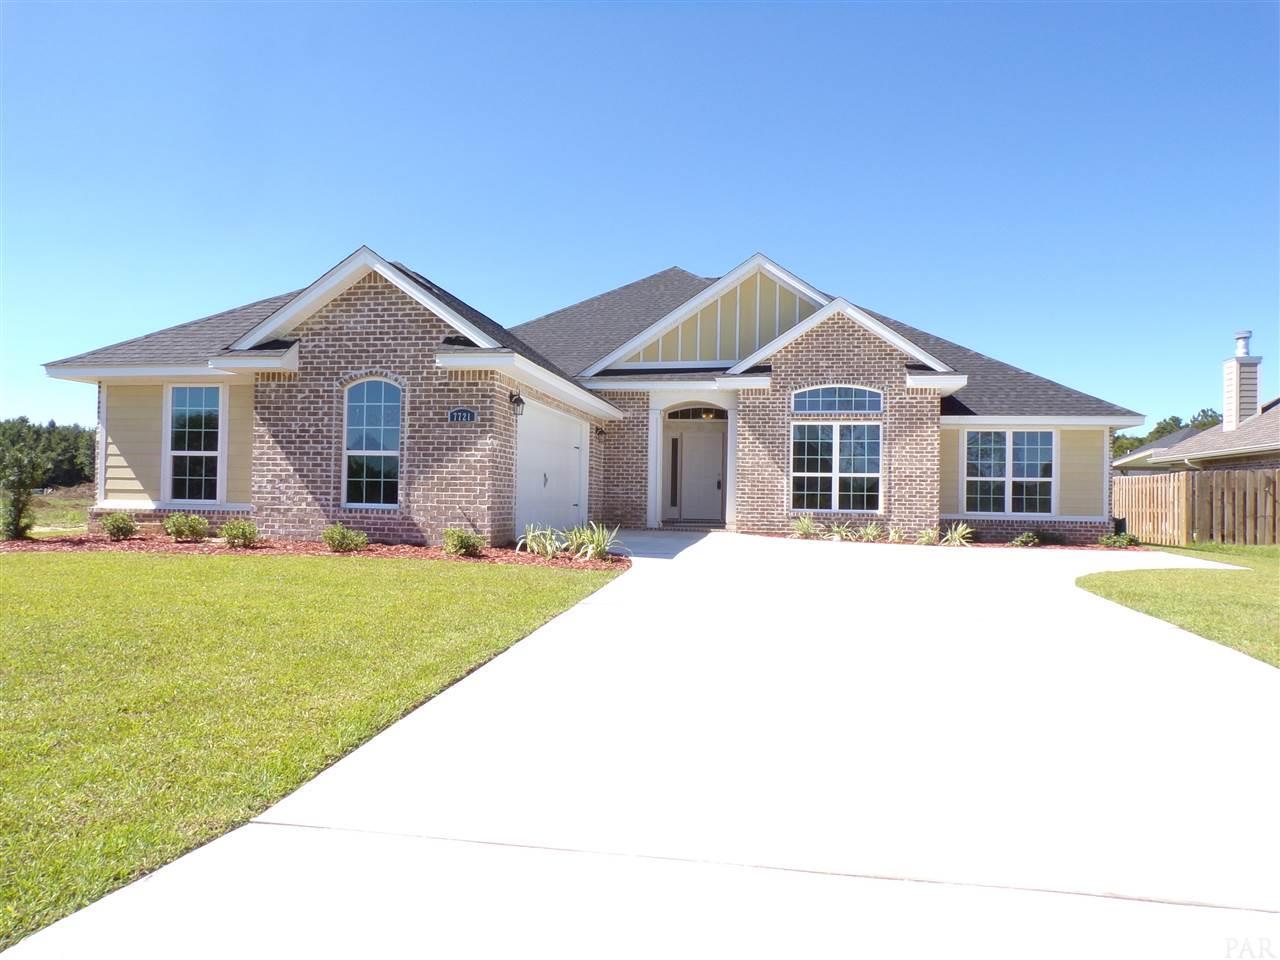 7721 Arbor Pt, Pensacola, FL 32526